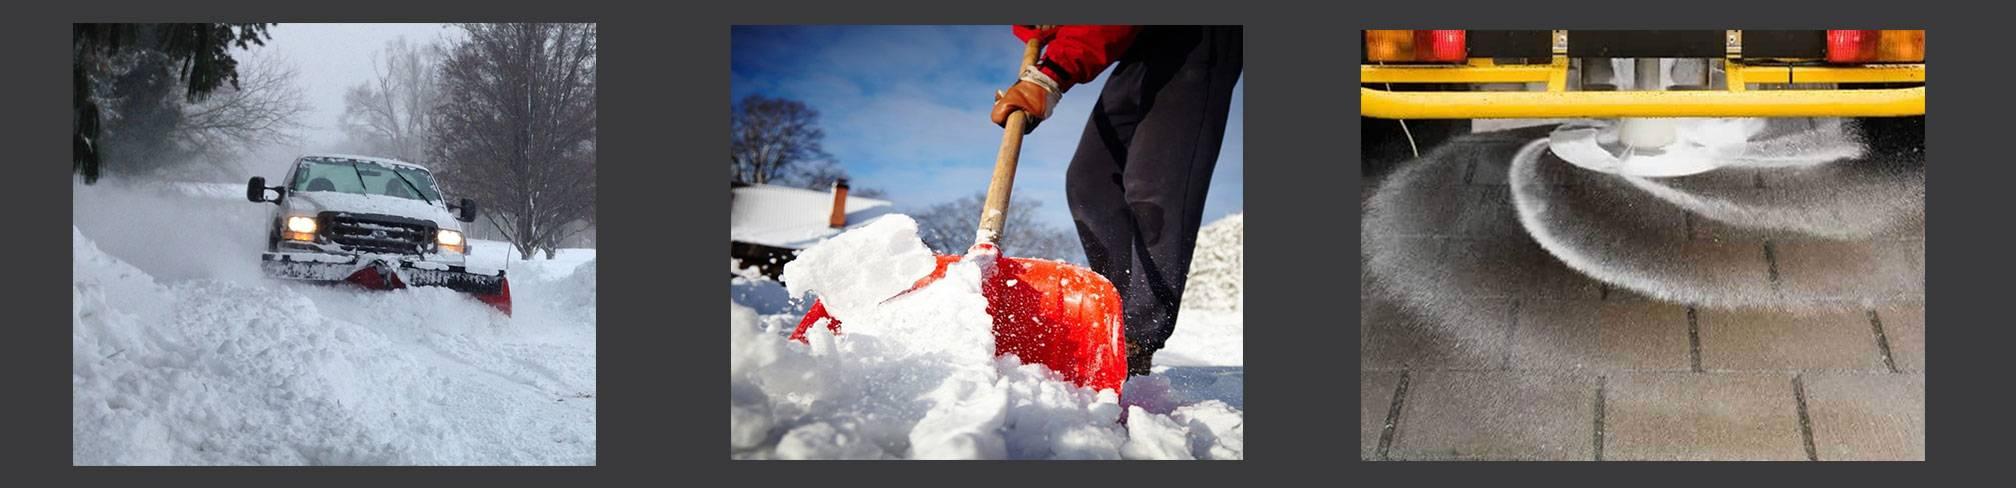 https://mk0landmarklandq50pg.kinstacdn.com/wp-content/uploads/2018/04/snow-removal.jpg